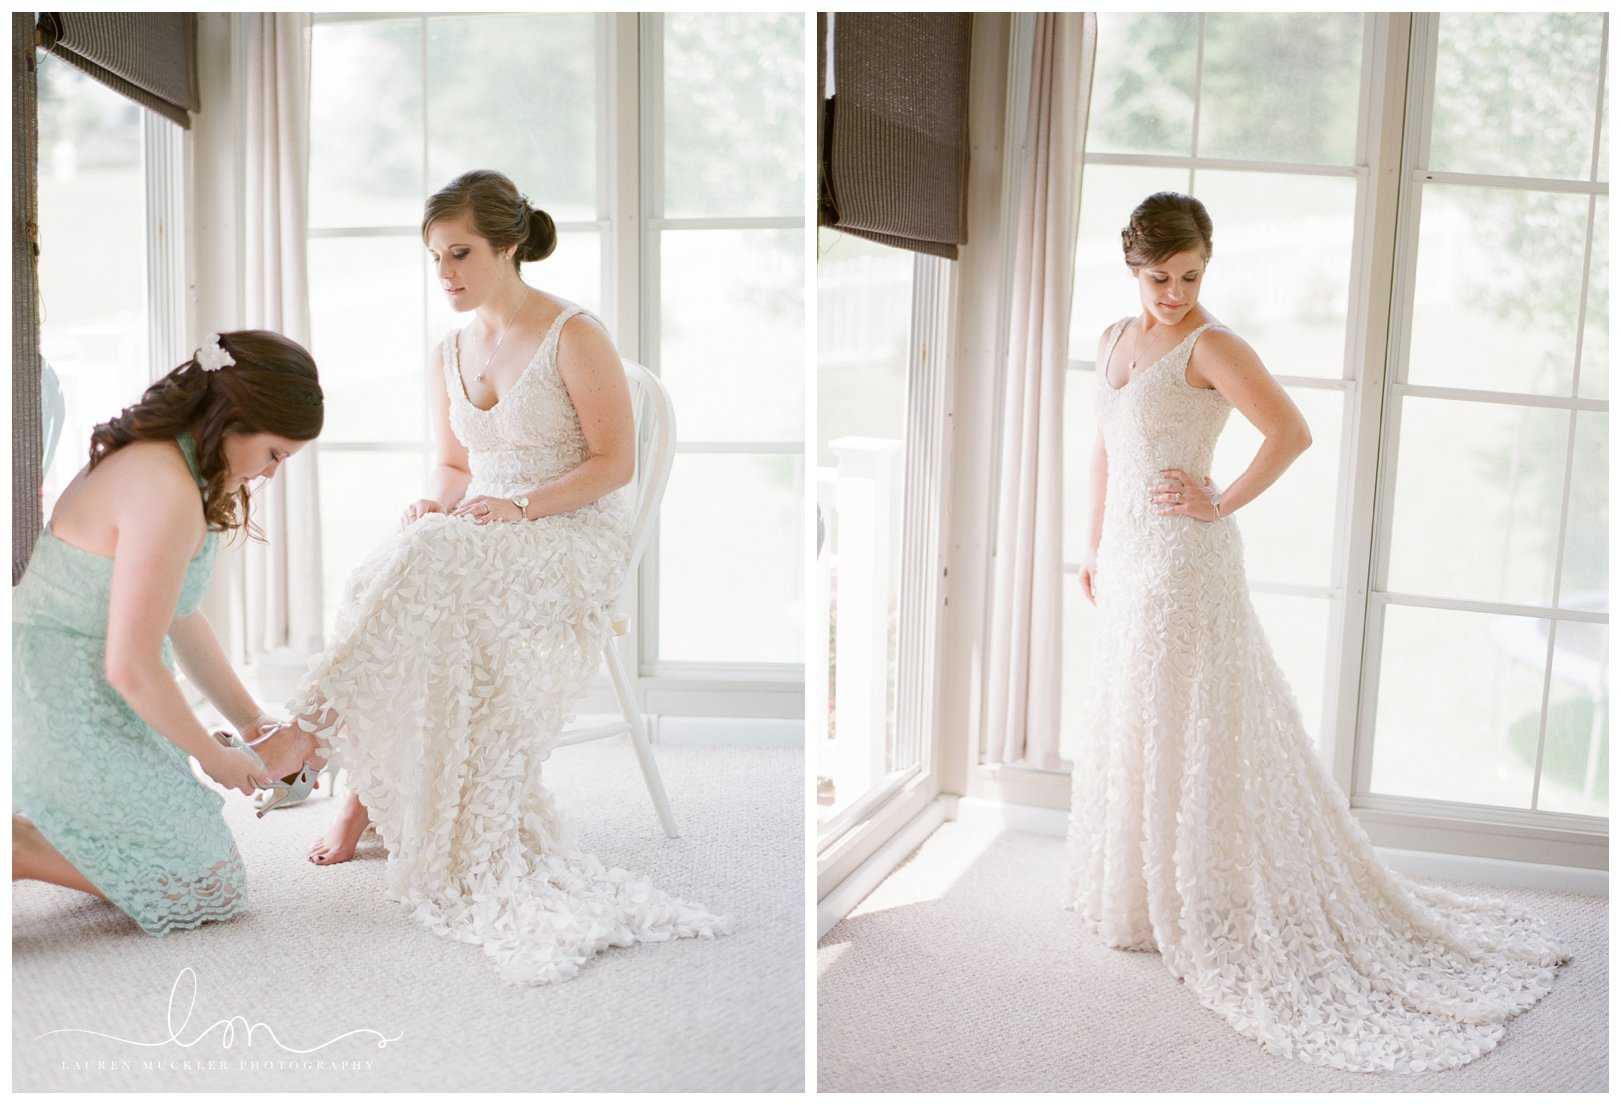 lauren muckler photography_fine art film wedding photography_st louis_photography_0550.jpg